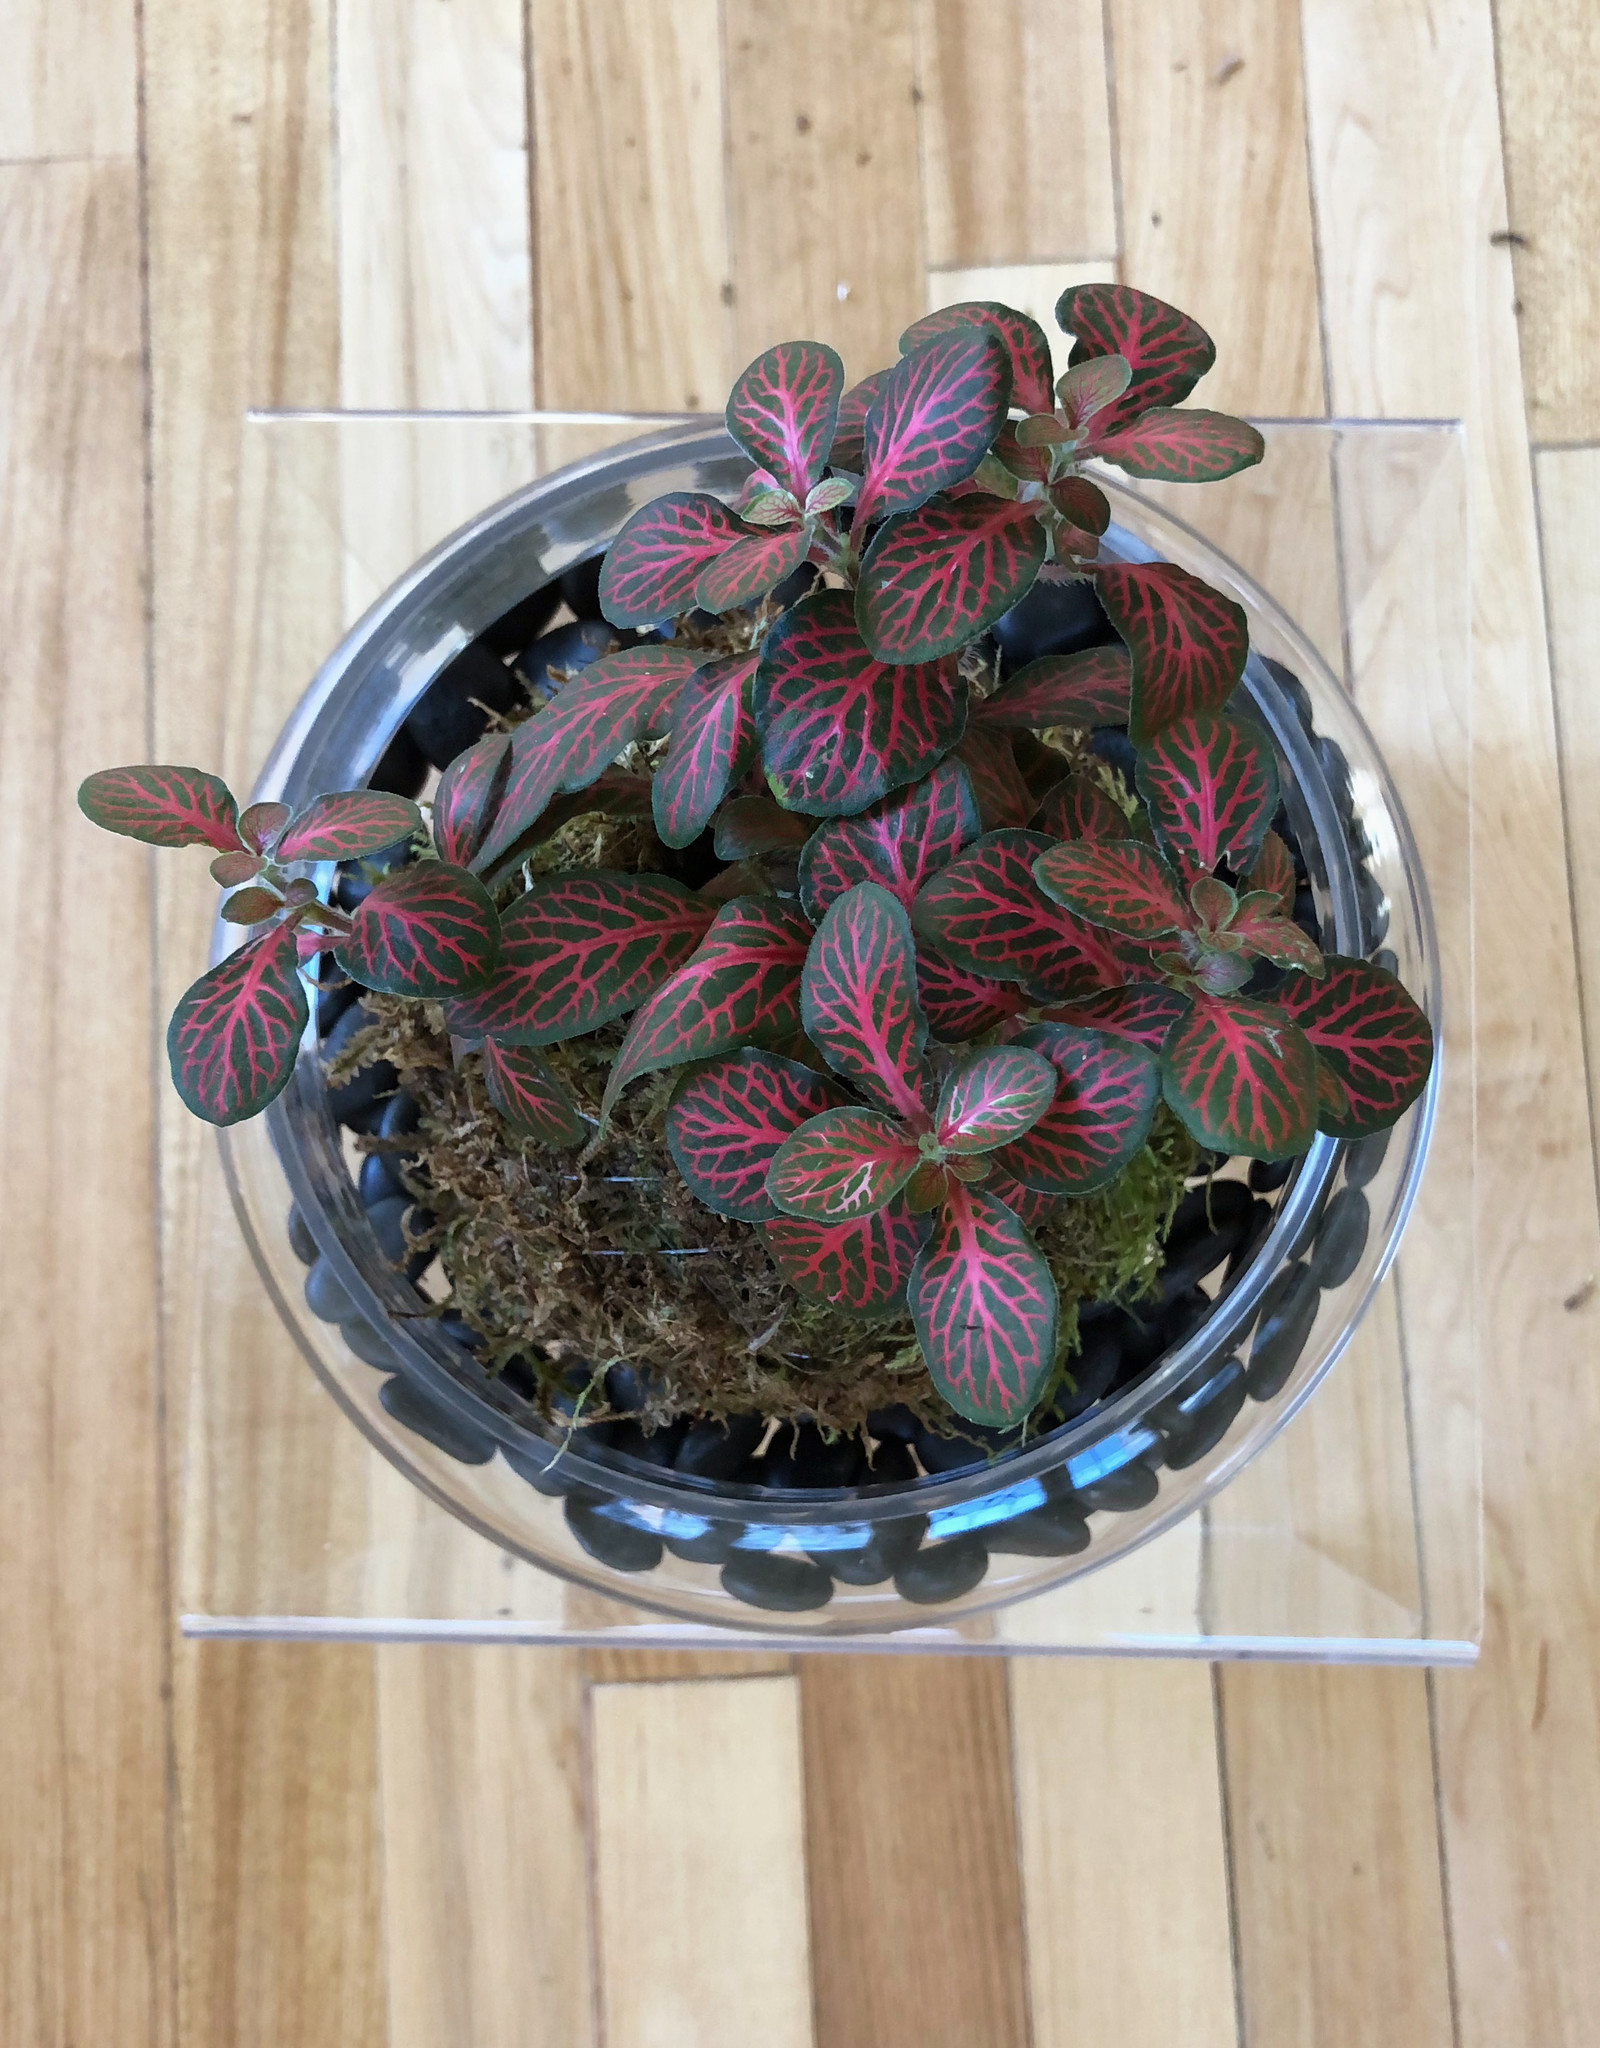 Curio Glass Cloche Terrarium with Fittonia Kokedama